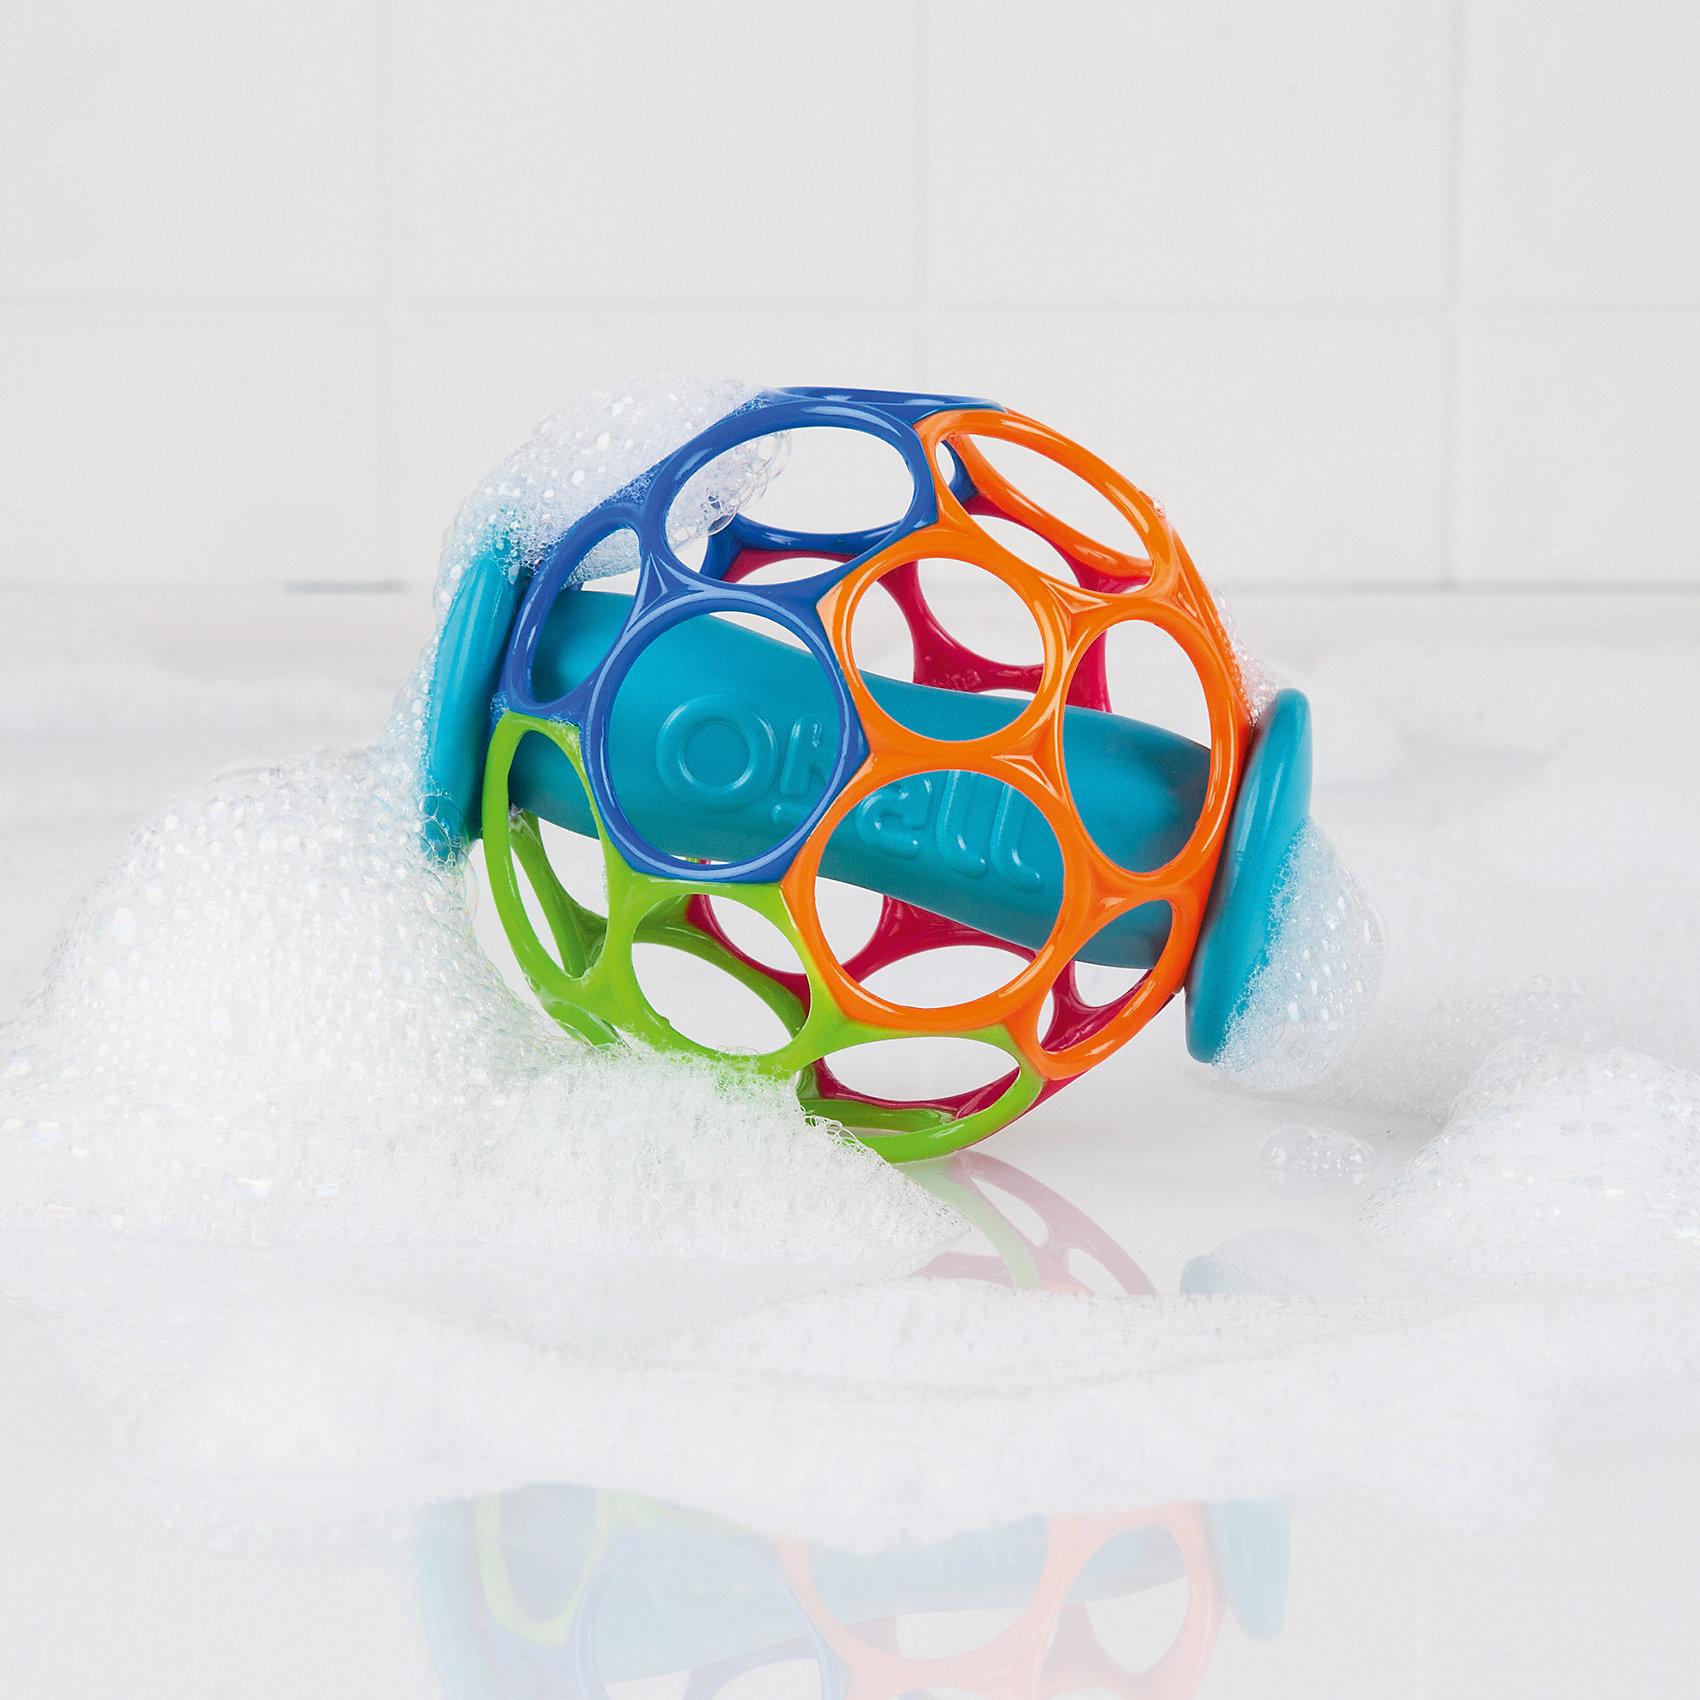 Мячик Oball, с поплавком, OballИгрушки ПВХ<br>Теперь с ним можно не только играть, но и купаться!<br><br>ОСОБЕННОСТИ<br>Благодаря поплавку, мячик Oball держится на воде <br>Удобно держать маленькими ручками<br>Мягкий гибкий пластик приятен на ощупь, не поранит ребенка<br><br><br>Дополнительные характеристики<br>Не содержит вредных веществ<br>Диаметр мячика: 10 см<br>Размер коробки: 14 х 10 х 10 см<br><br>Ширина мм: 137<br>Глубина мм: 129<br>Высота мм: 88<br>Вес г: 64<br>Возраст от месяцев: 0<br>Возраст до месяцев: 36<br>Пол: Унисекс<br>Возраст: Детский<br>SKU: 4222558